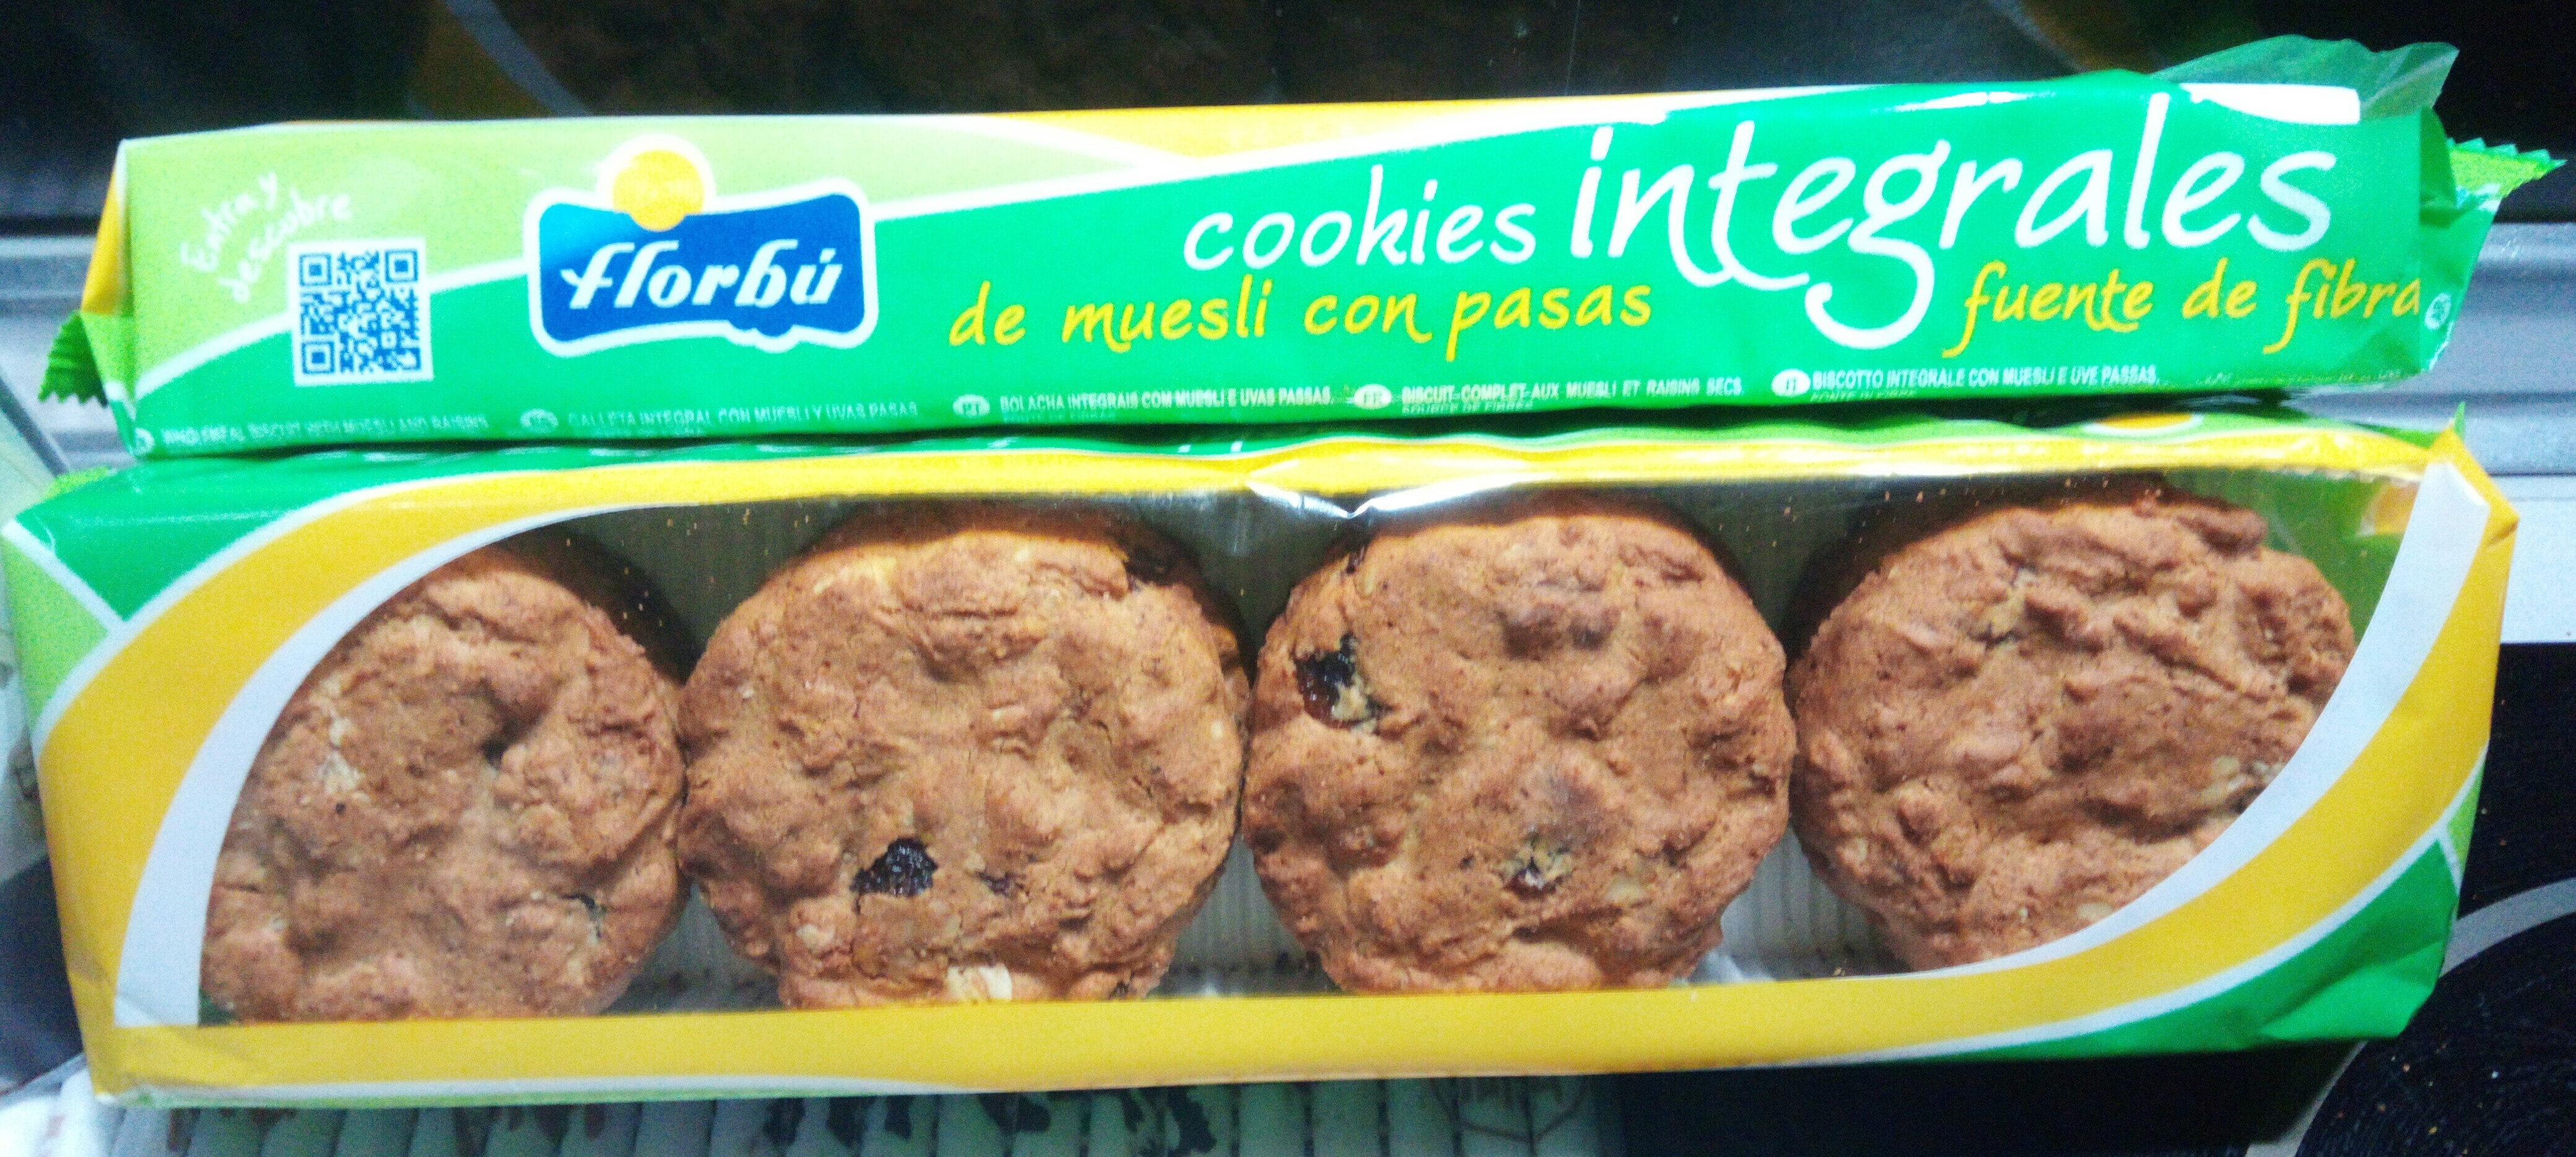 Cookies integrales de muesli con pasas - Product - es